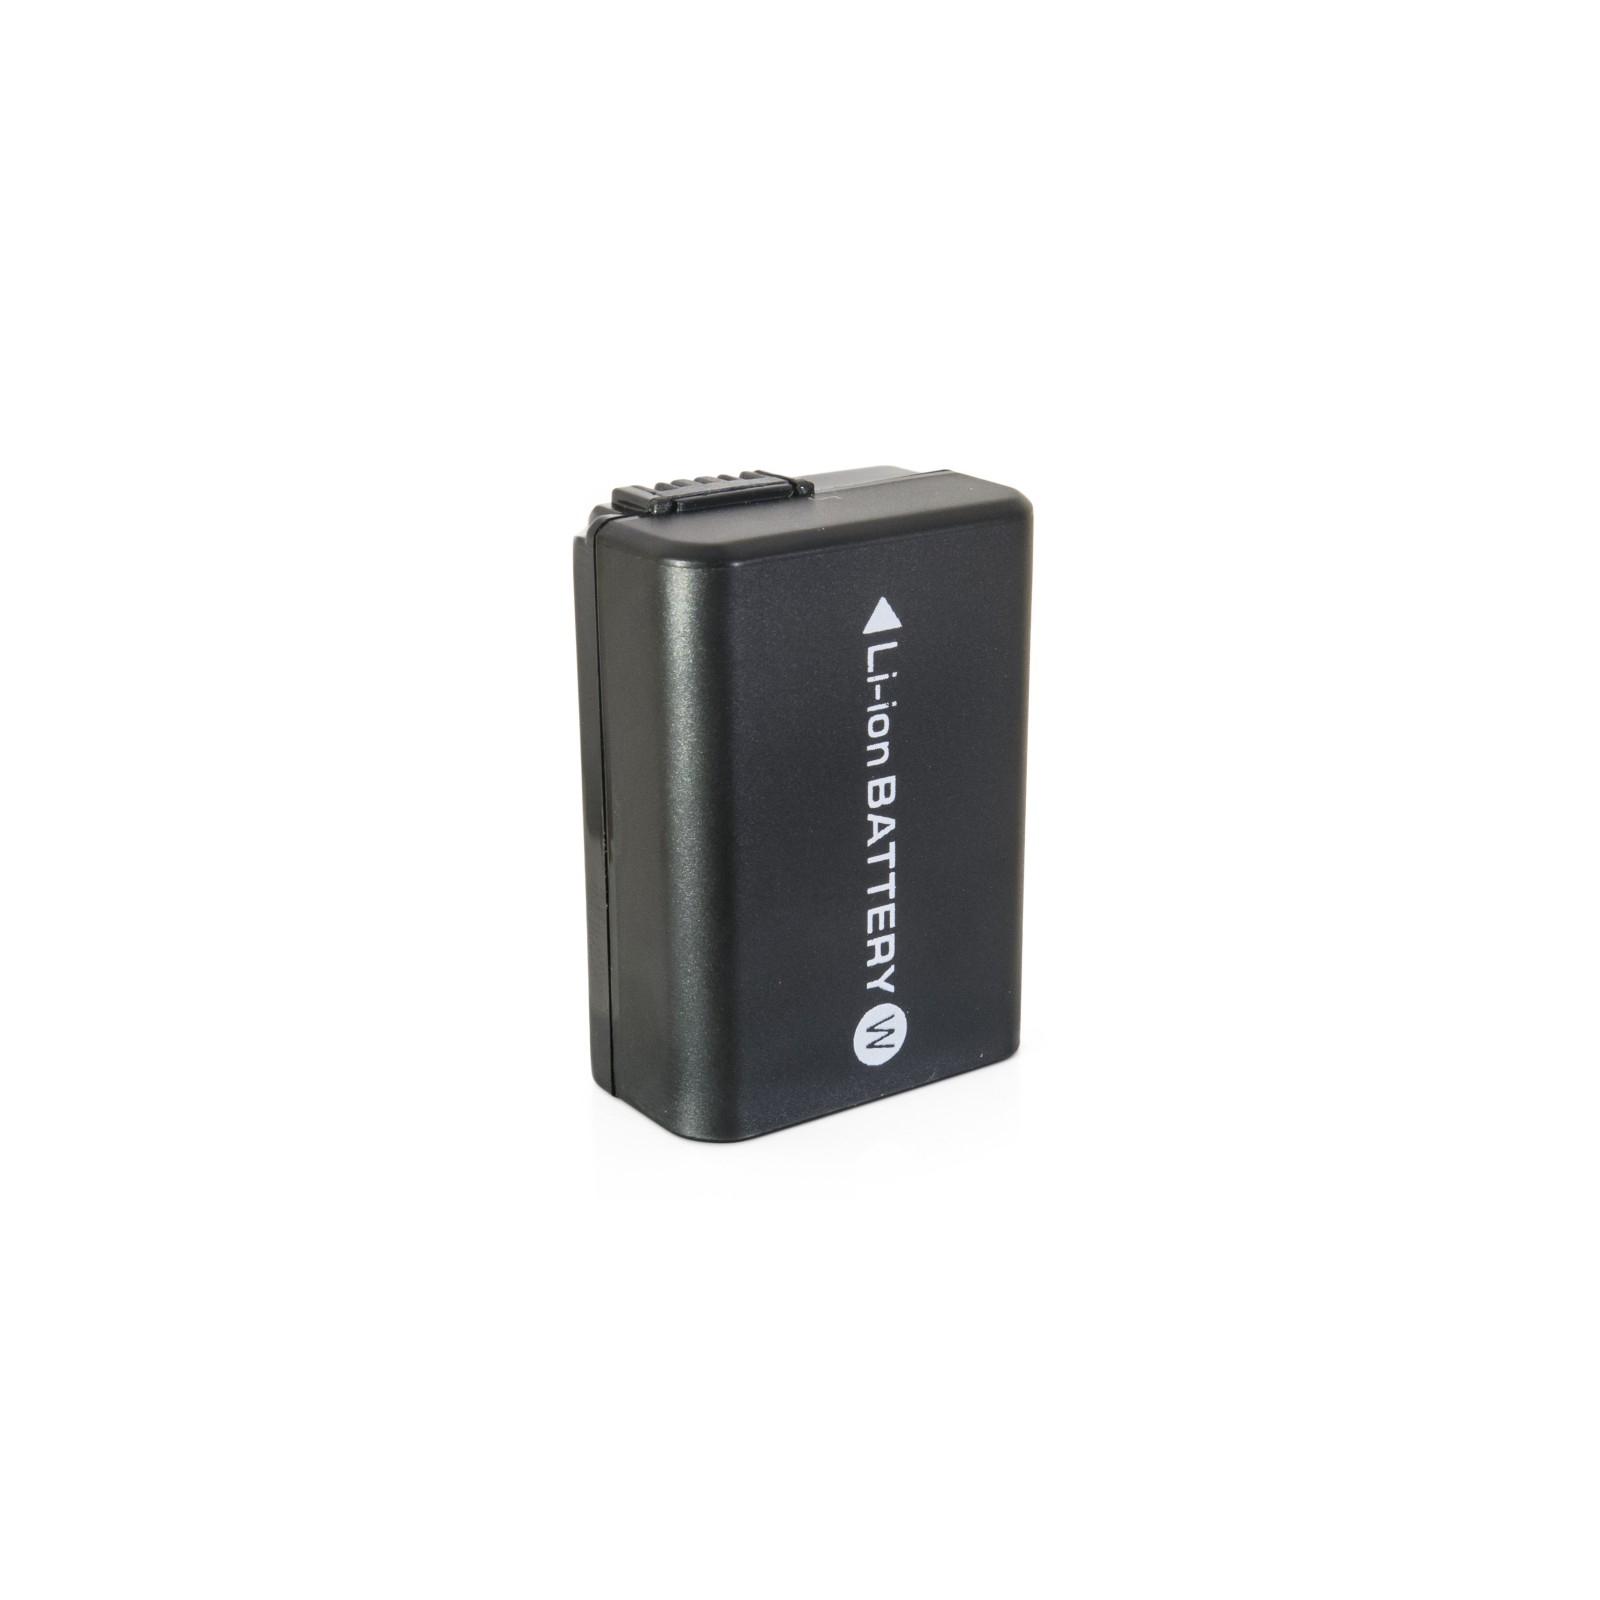 Аккумулятор к фото/видео EXTRADIGITAL Sony NP-FW50 (BDS2678) изображение 3